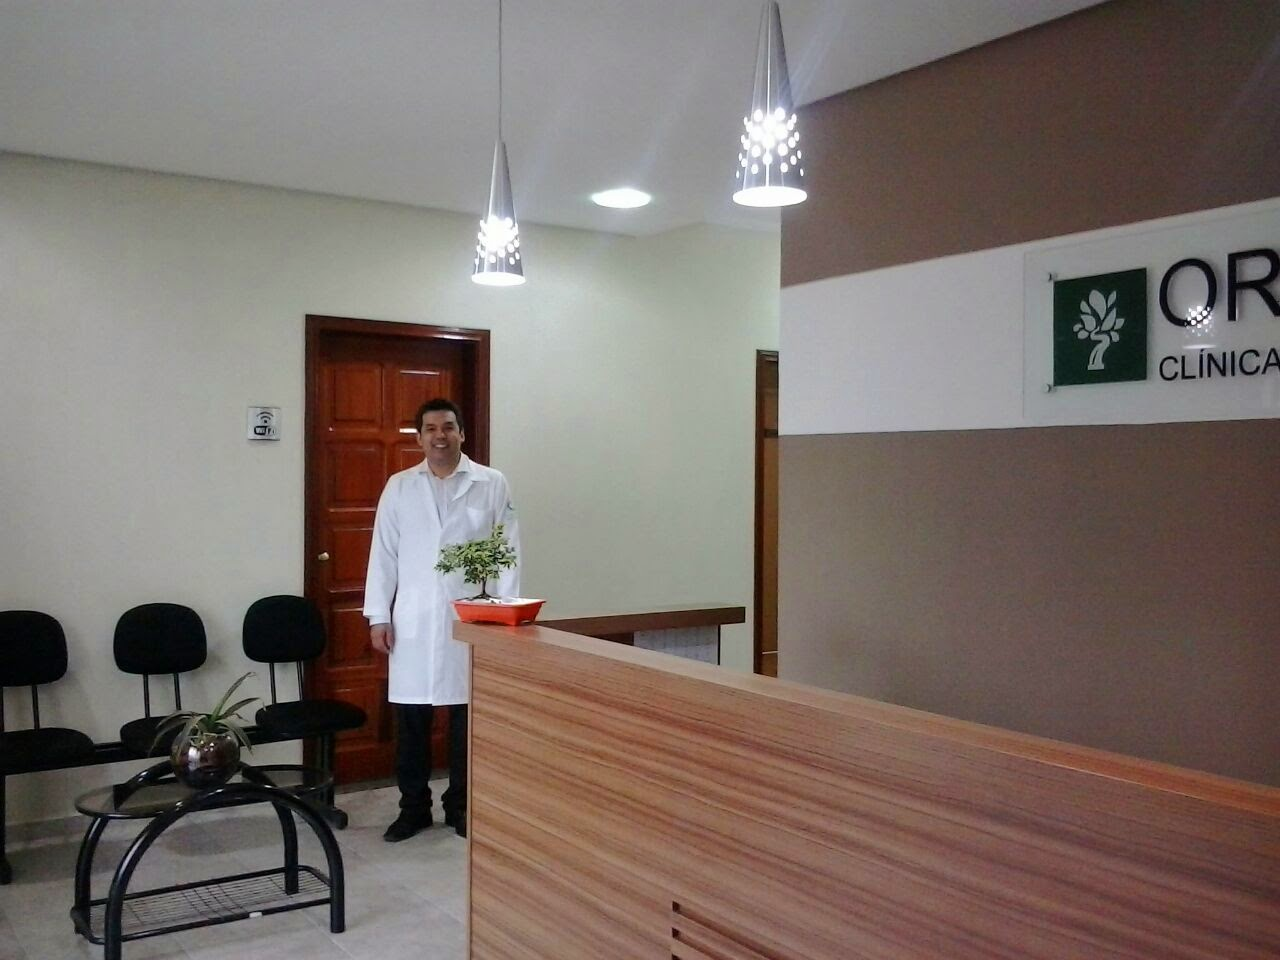 clinica ortodontia